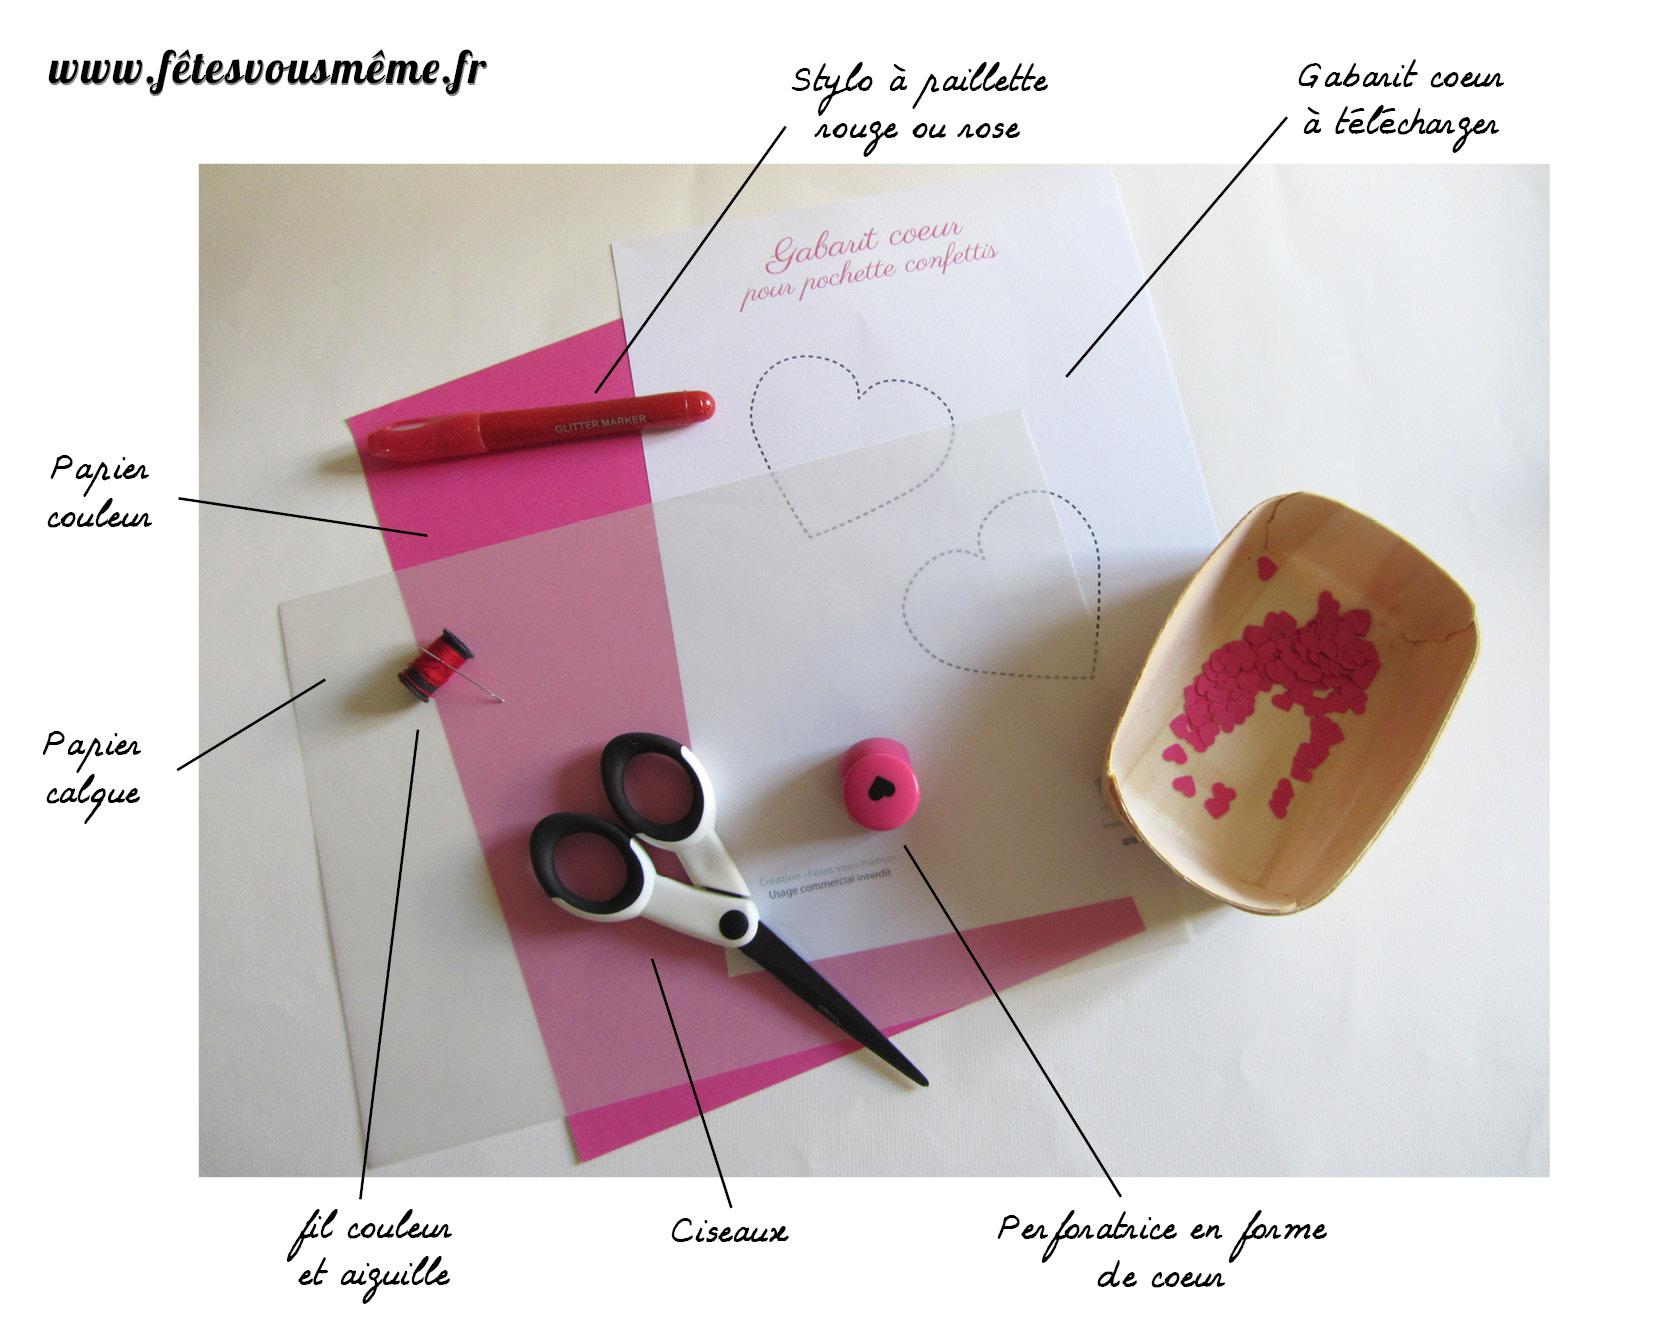 fournitures pochette cœur à confettis - Fêtes vous même